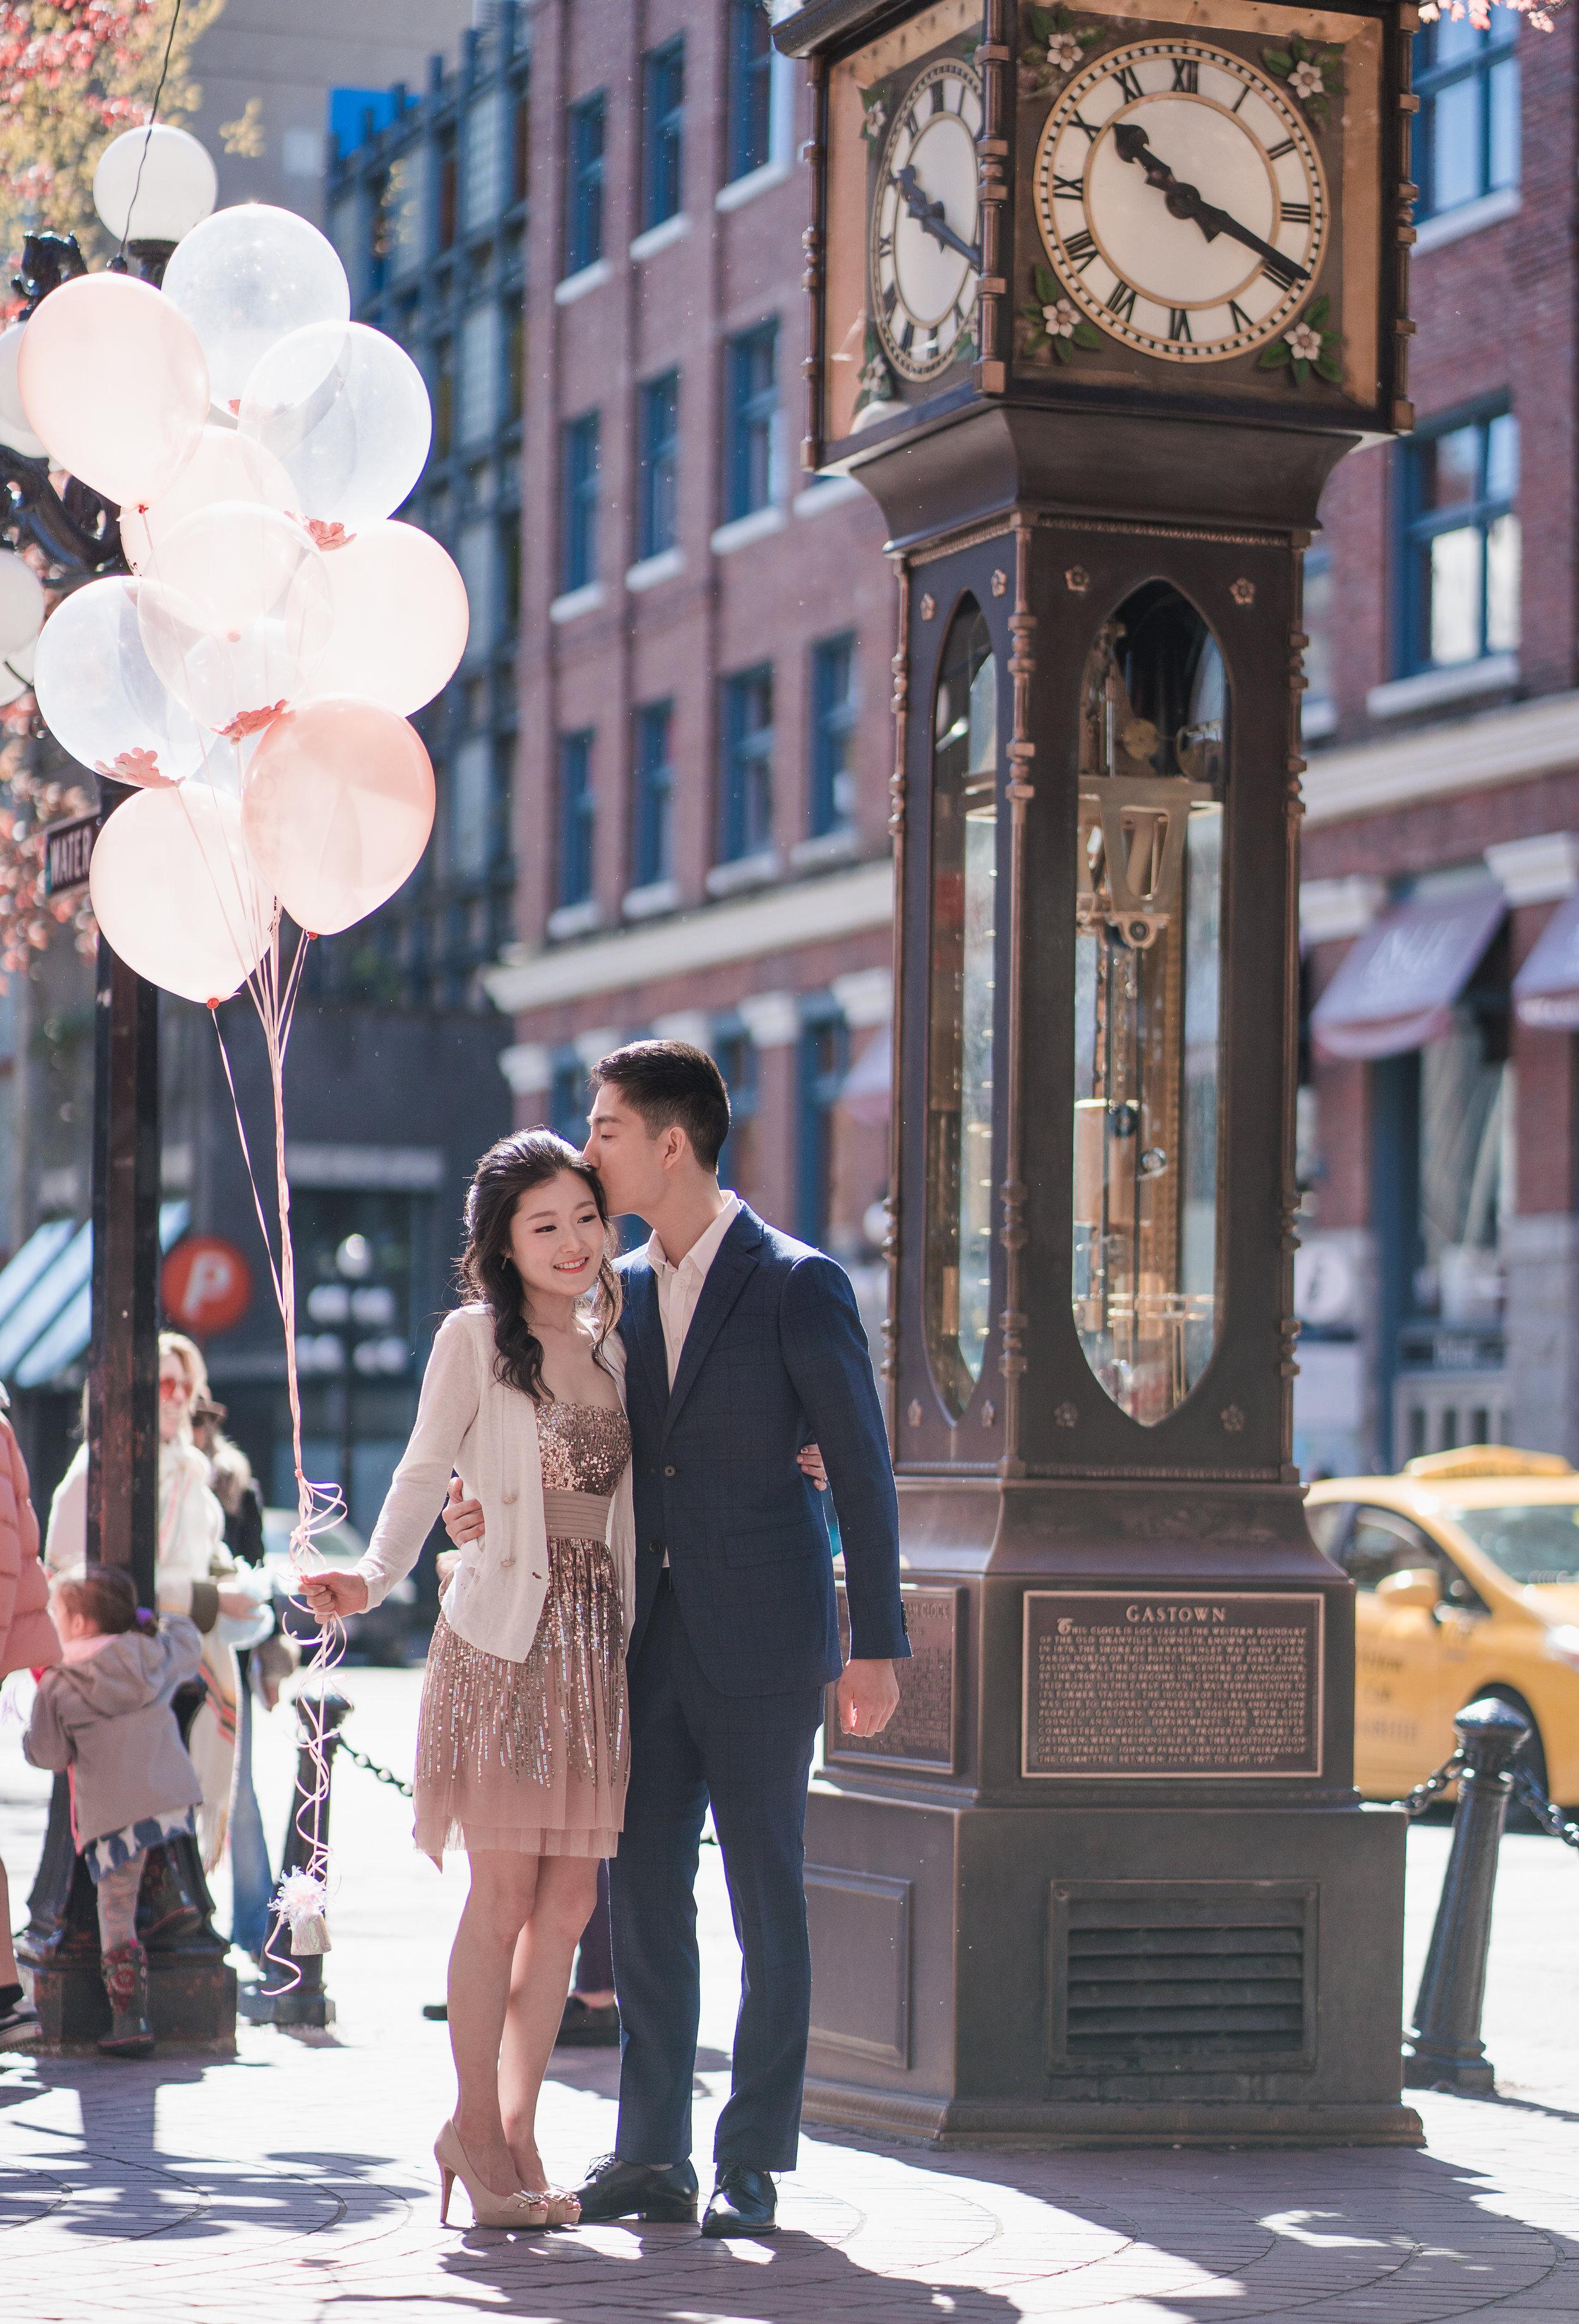 20190428 - Rachel & Brandon Engagement - 0051.jpg